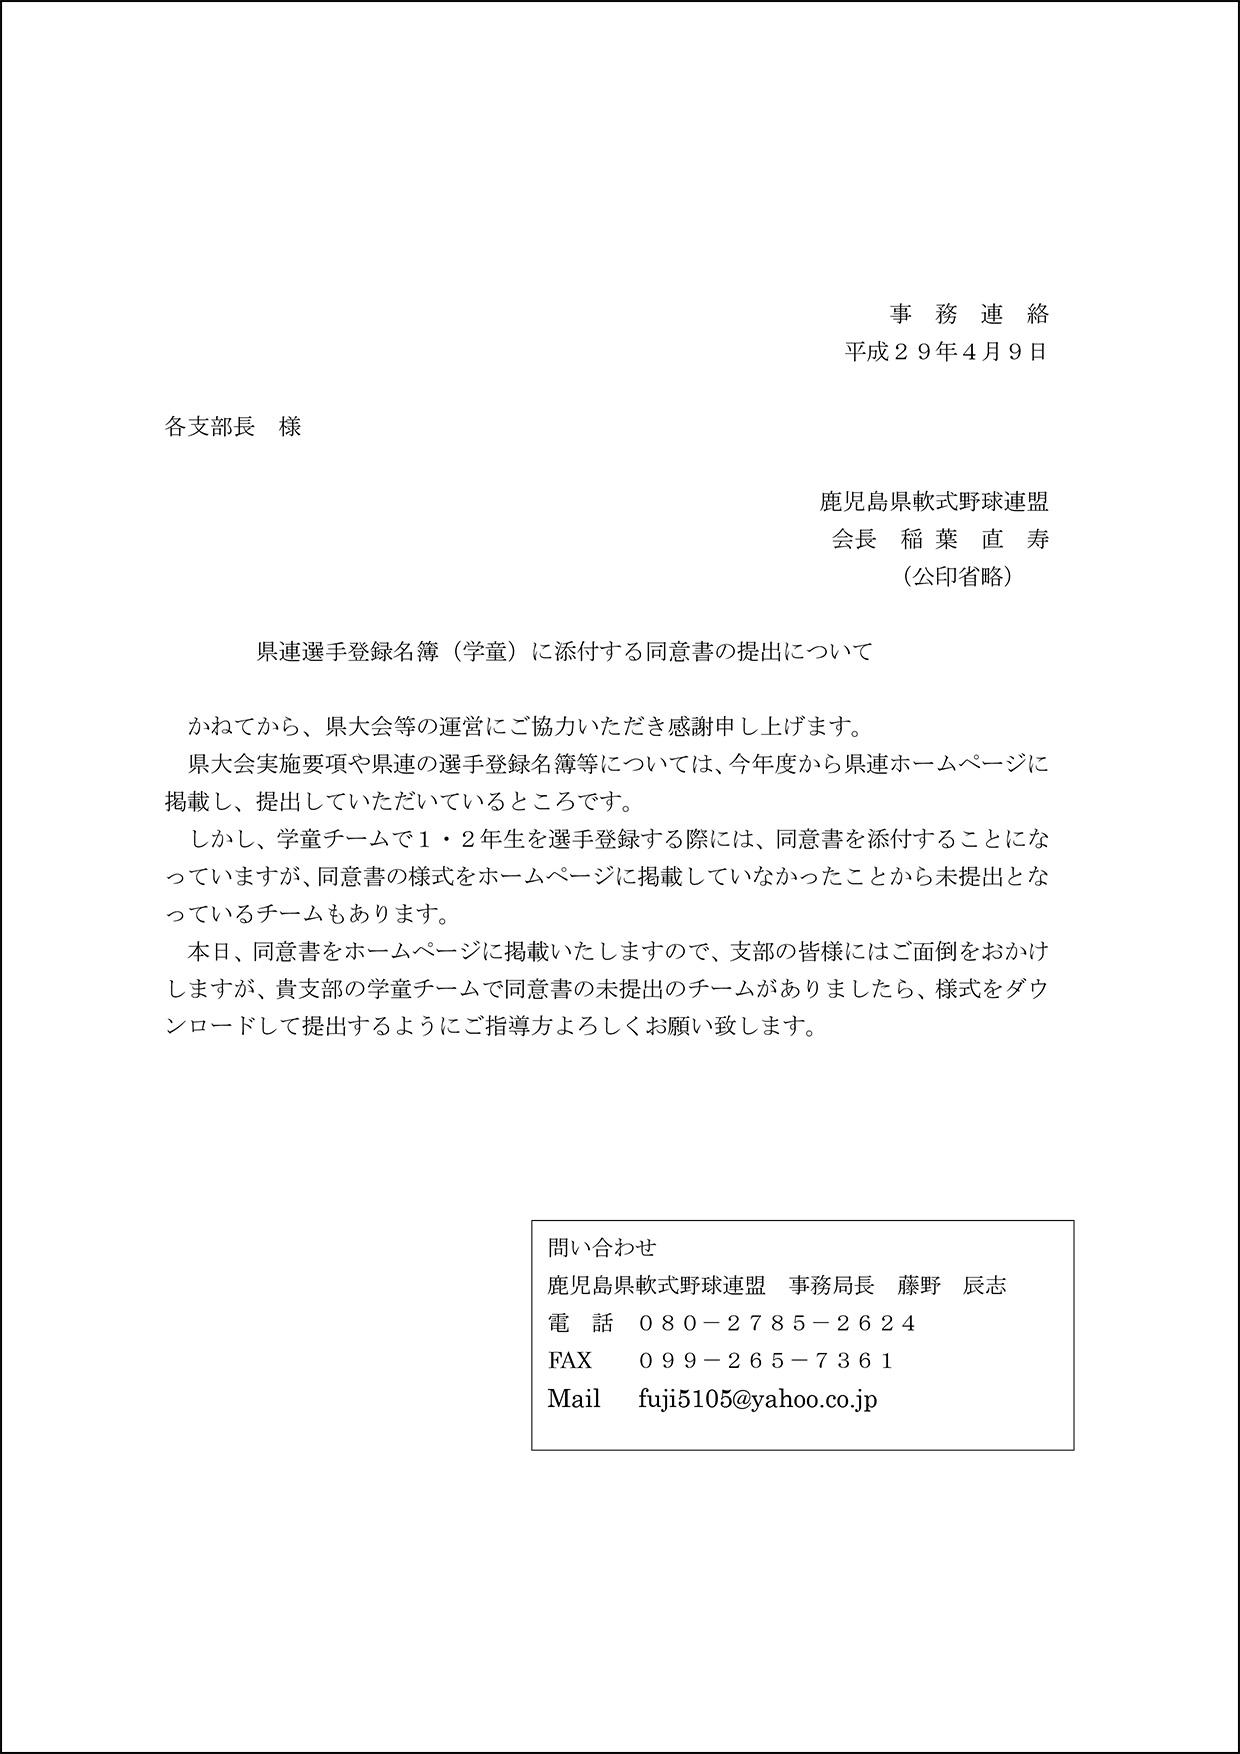 県連選手登録名簿(学童)に添付する同意書の提出について